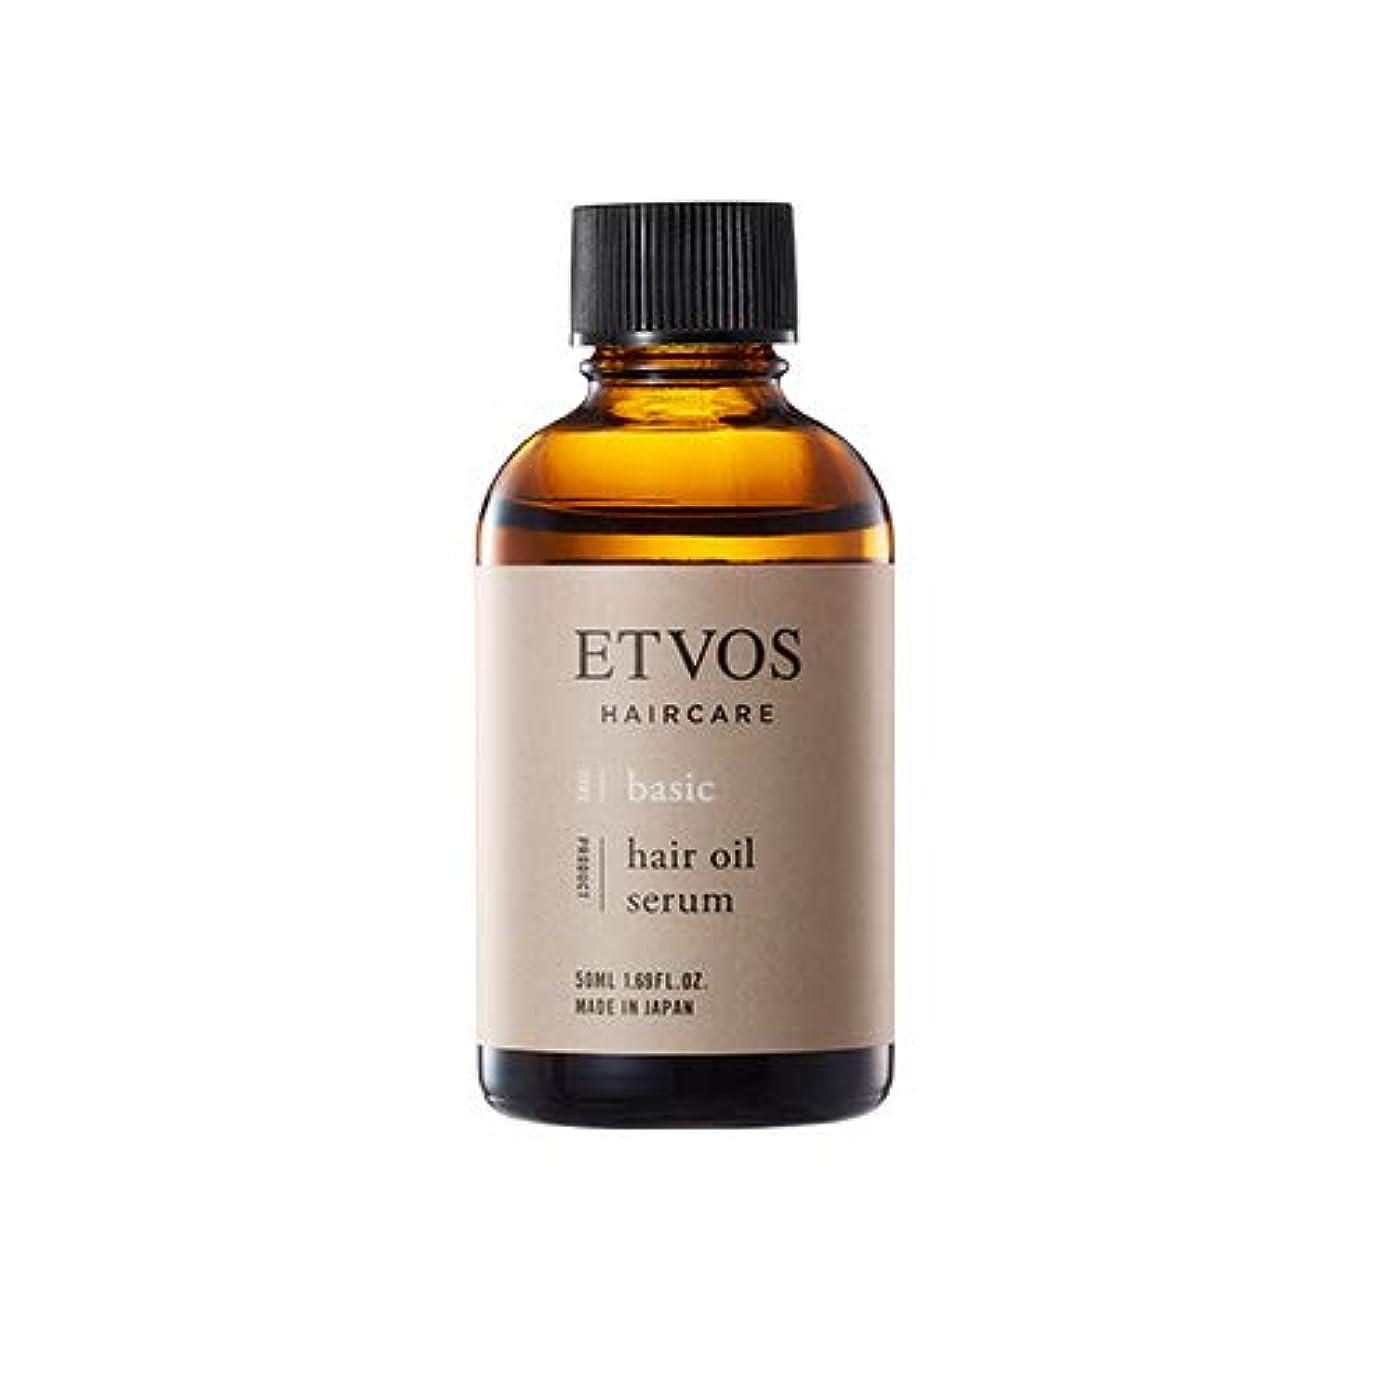 申し立てられた硬さ迷路ETVOS(エトヴォス) ヘアオイルセラム 50ml ヘアスタイル 毛髪補修成分 乾燥 熱 ノンシリコン 美容オイル